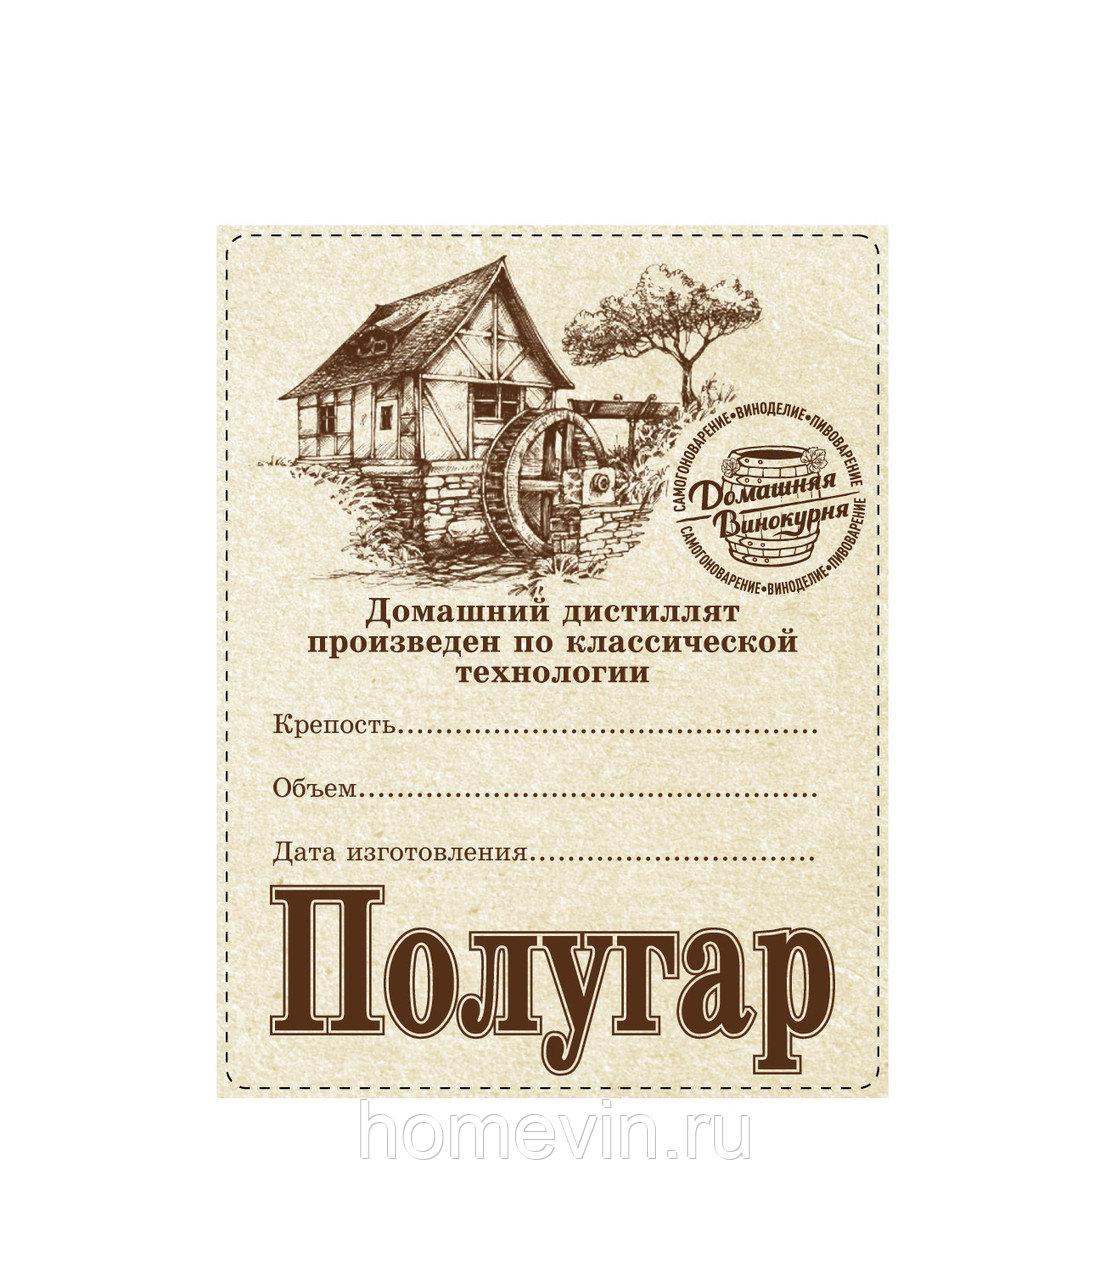 Печать наклеек на бутылку в Москве   фото 1